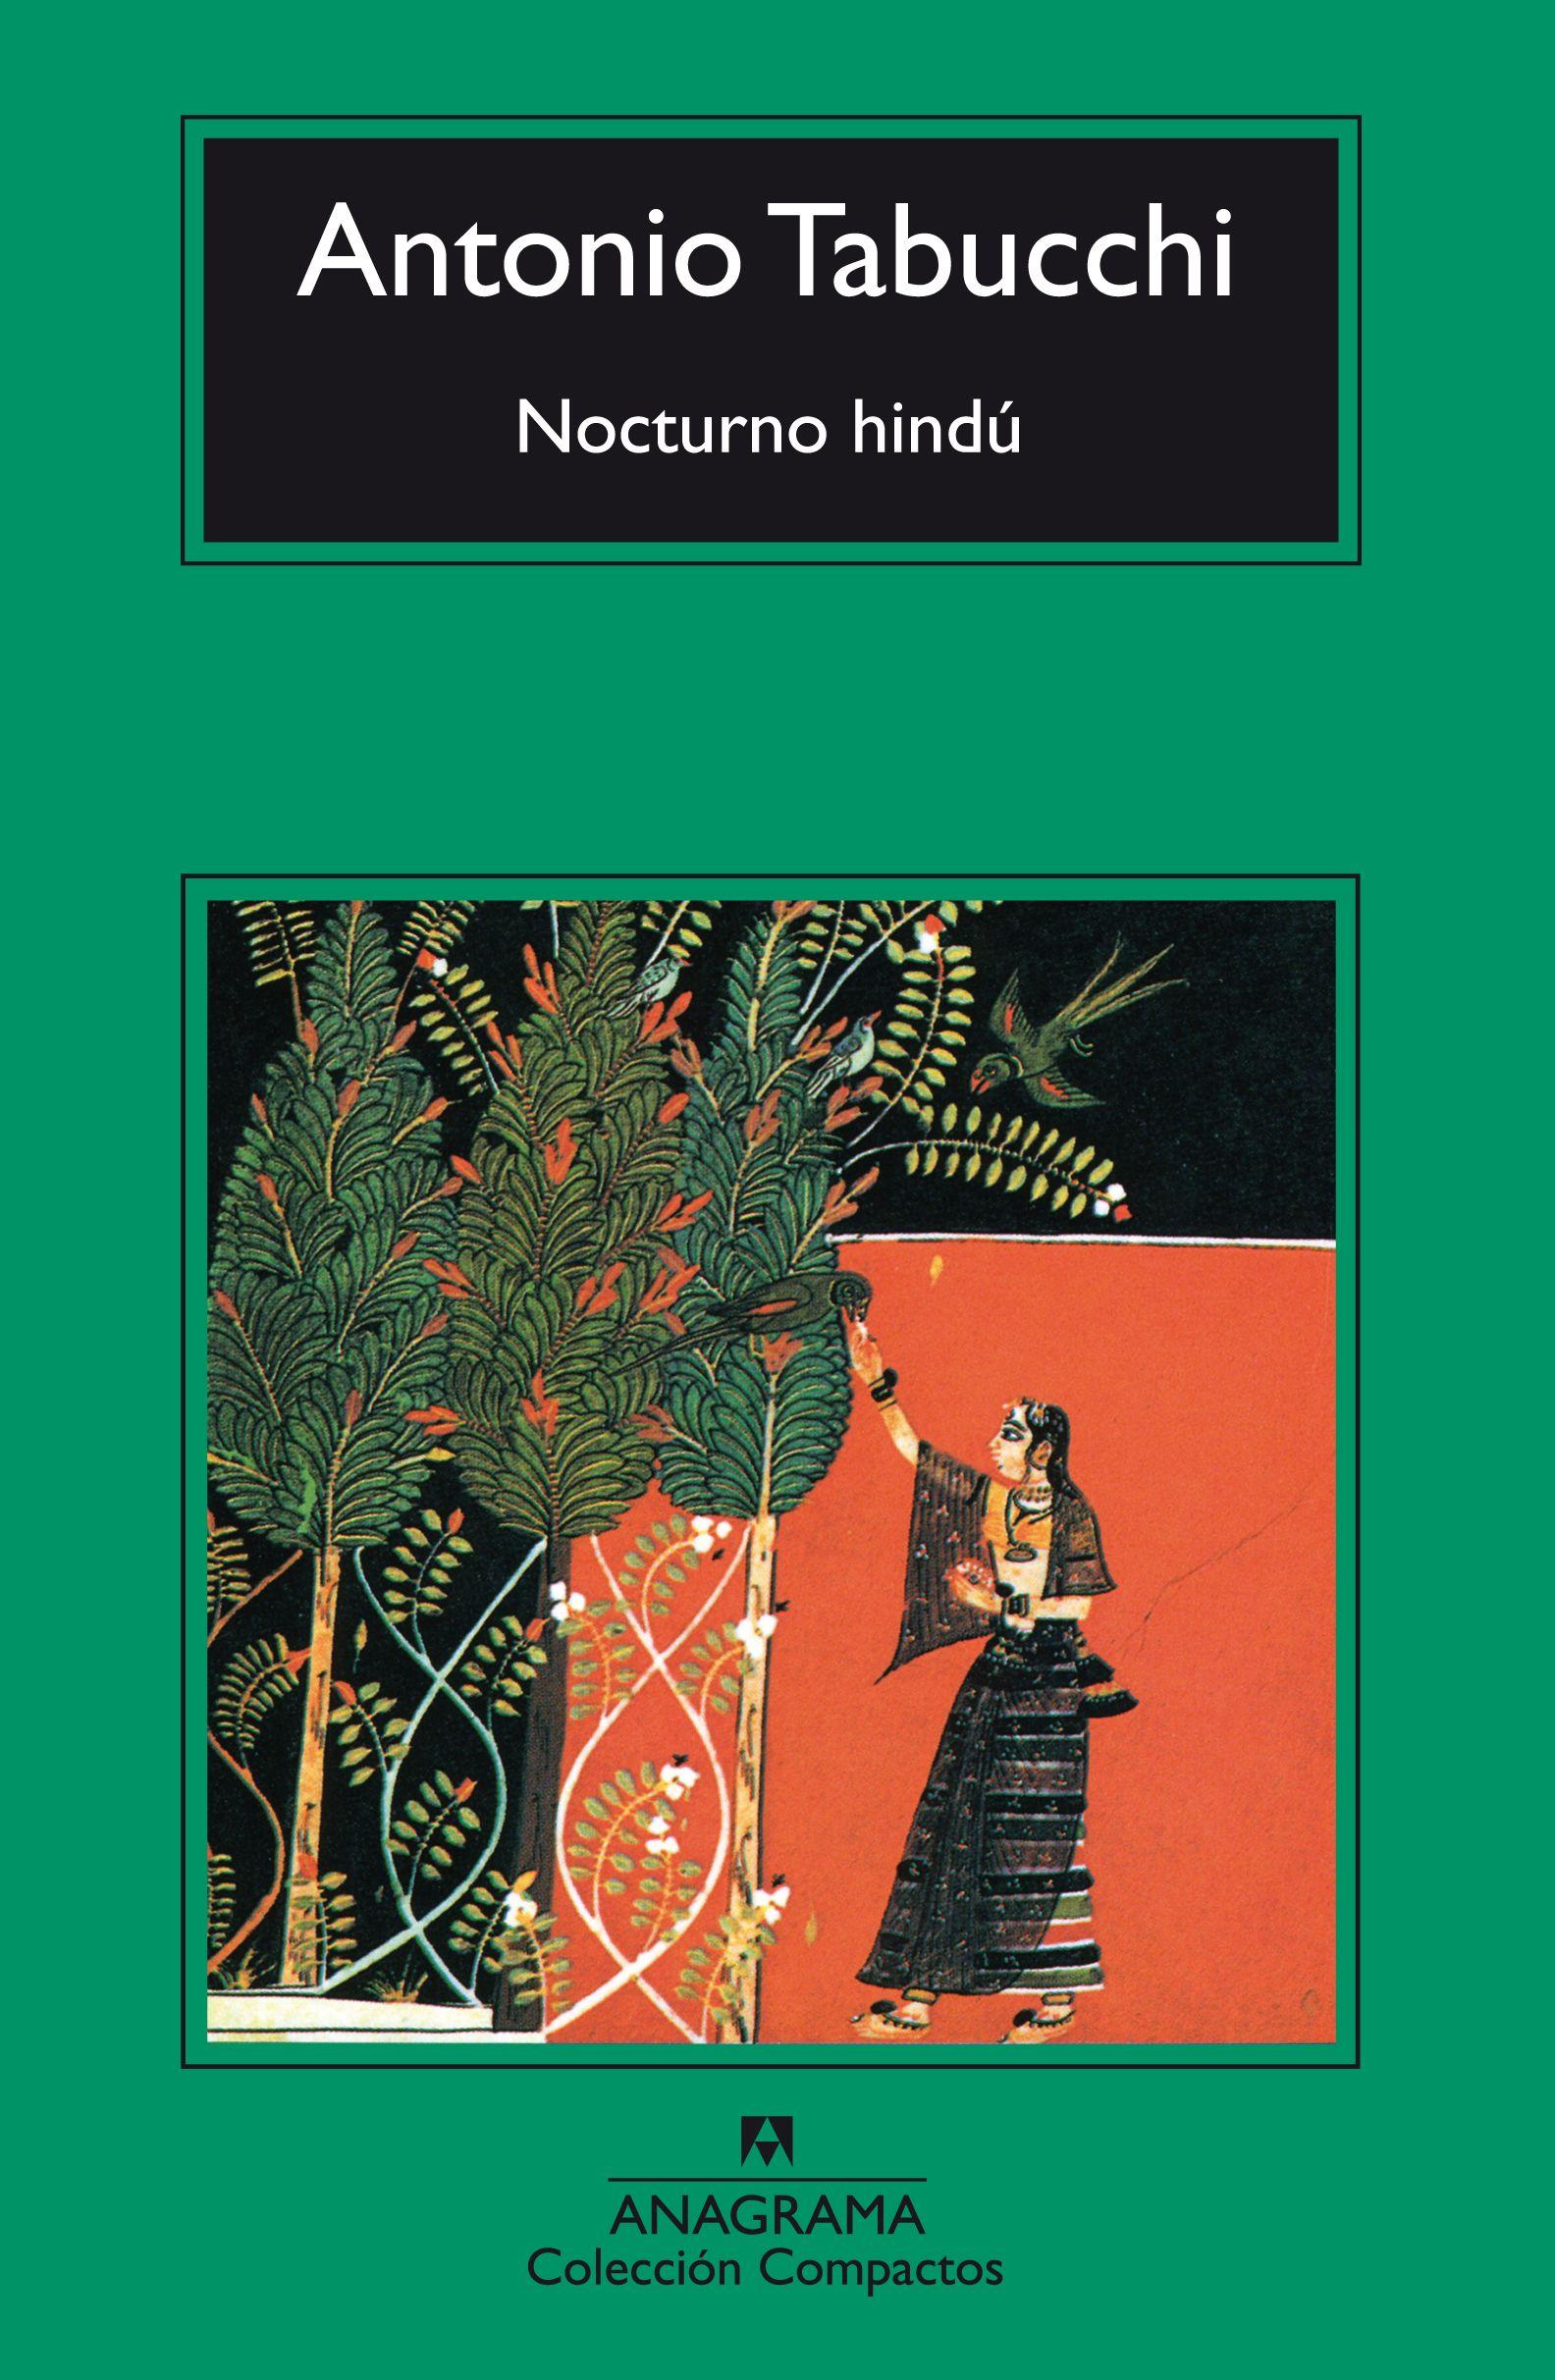 Nocturno hindú - Tabucchi, Antonio - 978-84-339-1446-0 - Editorial Anagrama